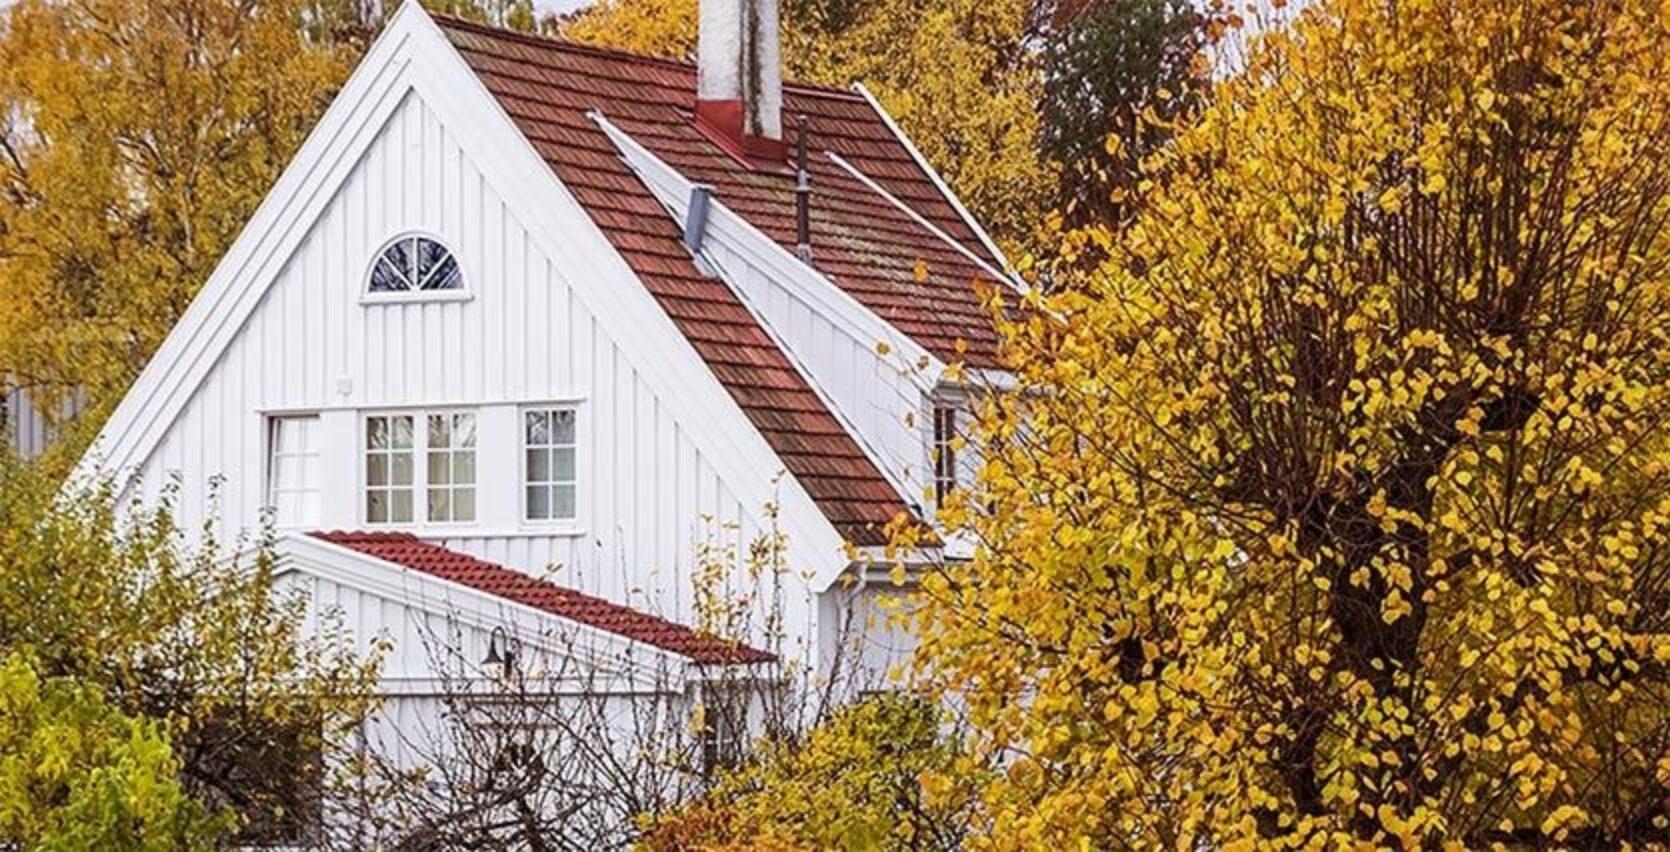 Hvit stor hus med brune taksten som står blant masse trær med brune blader